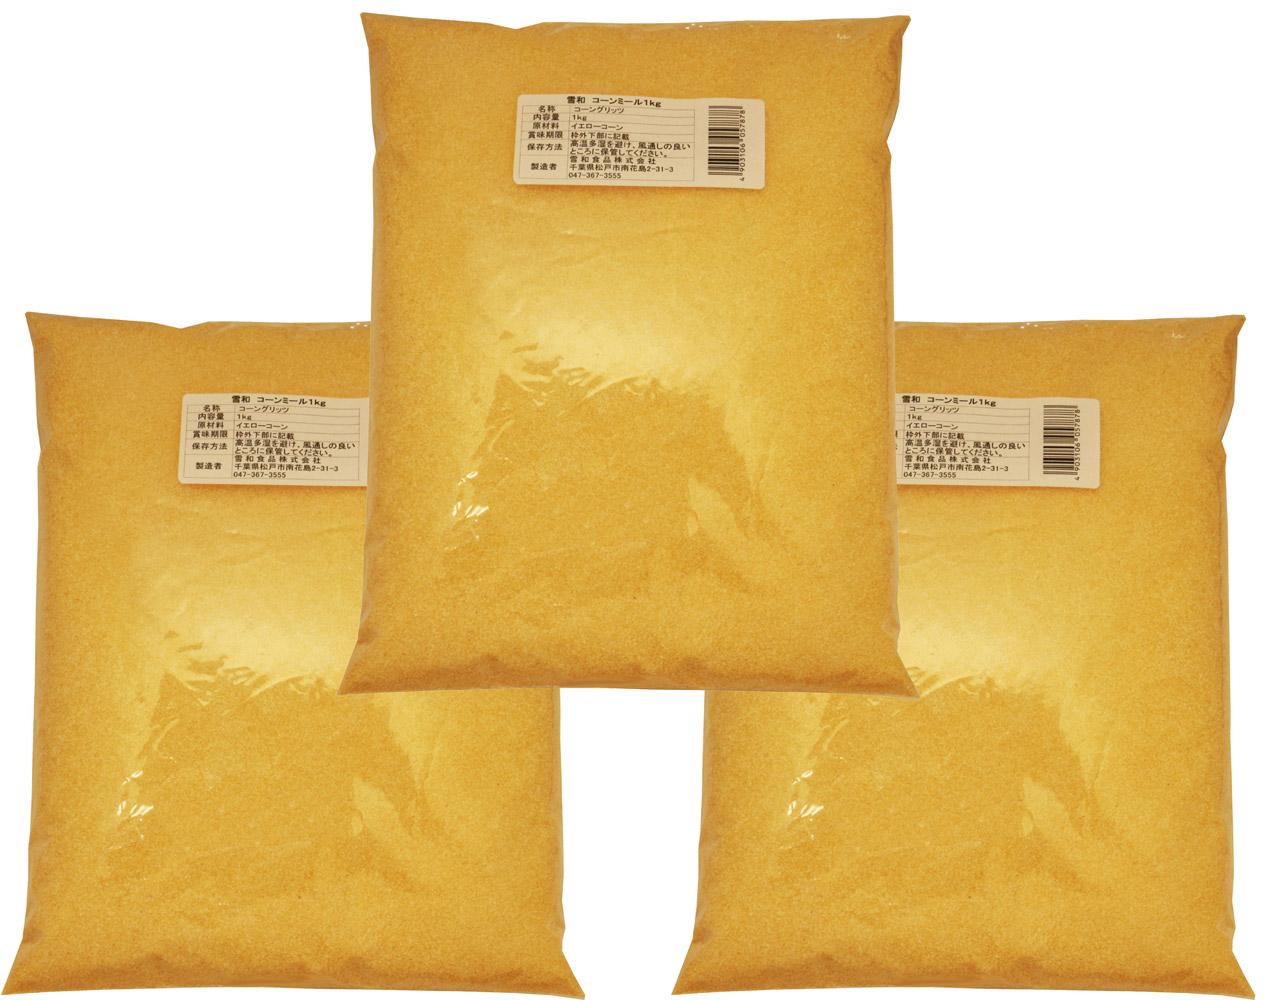 安心の宅配便なので他商品も無制限で同梱可能 宅配便送料無料 小麦ソムリエの底力 お気にいる コーンミール 1kg×3袋 イエローコーン とうもろこし粉 コーングリッツ 商舗